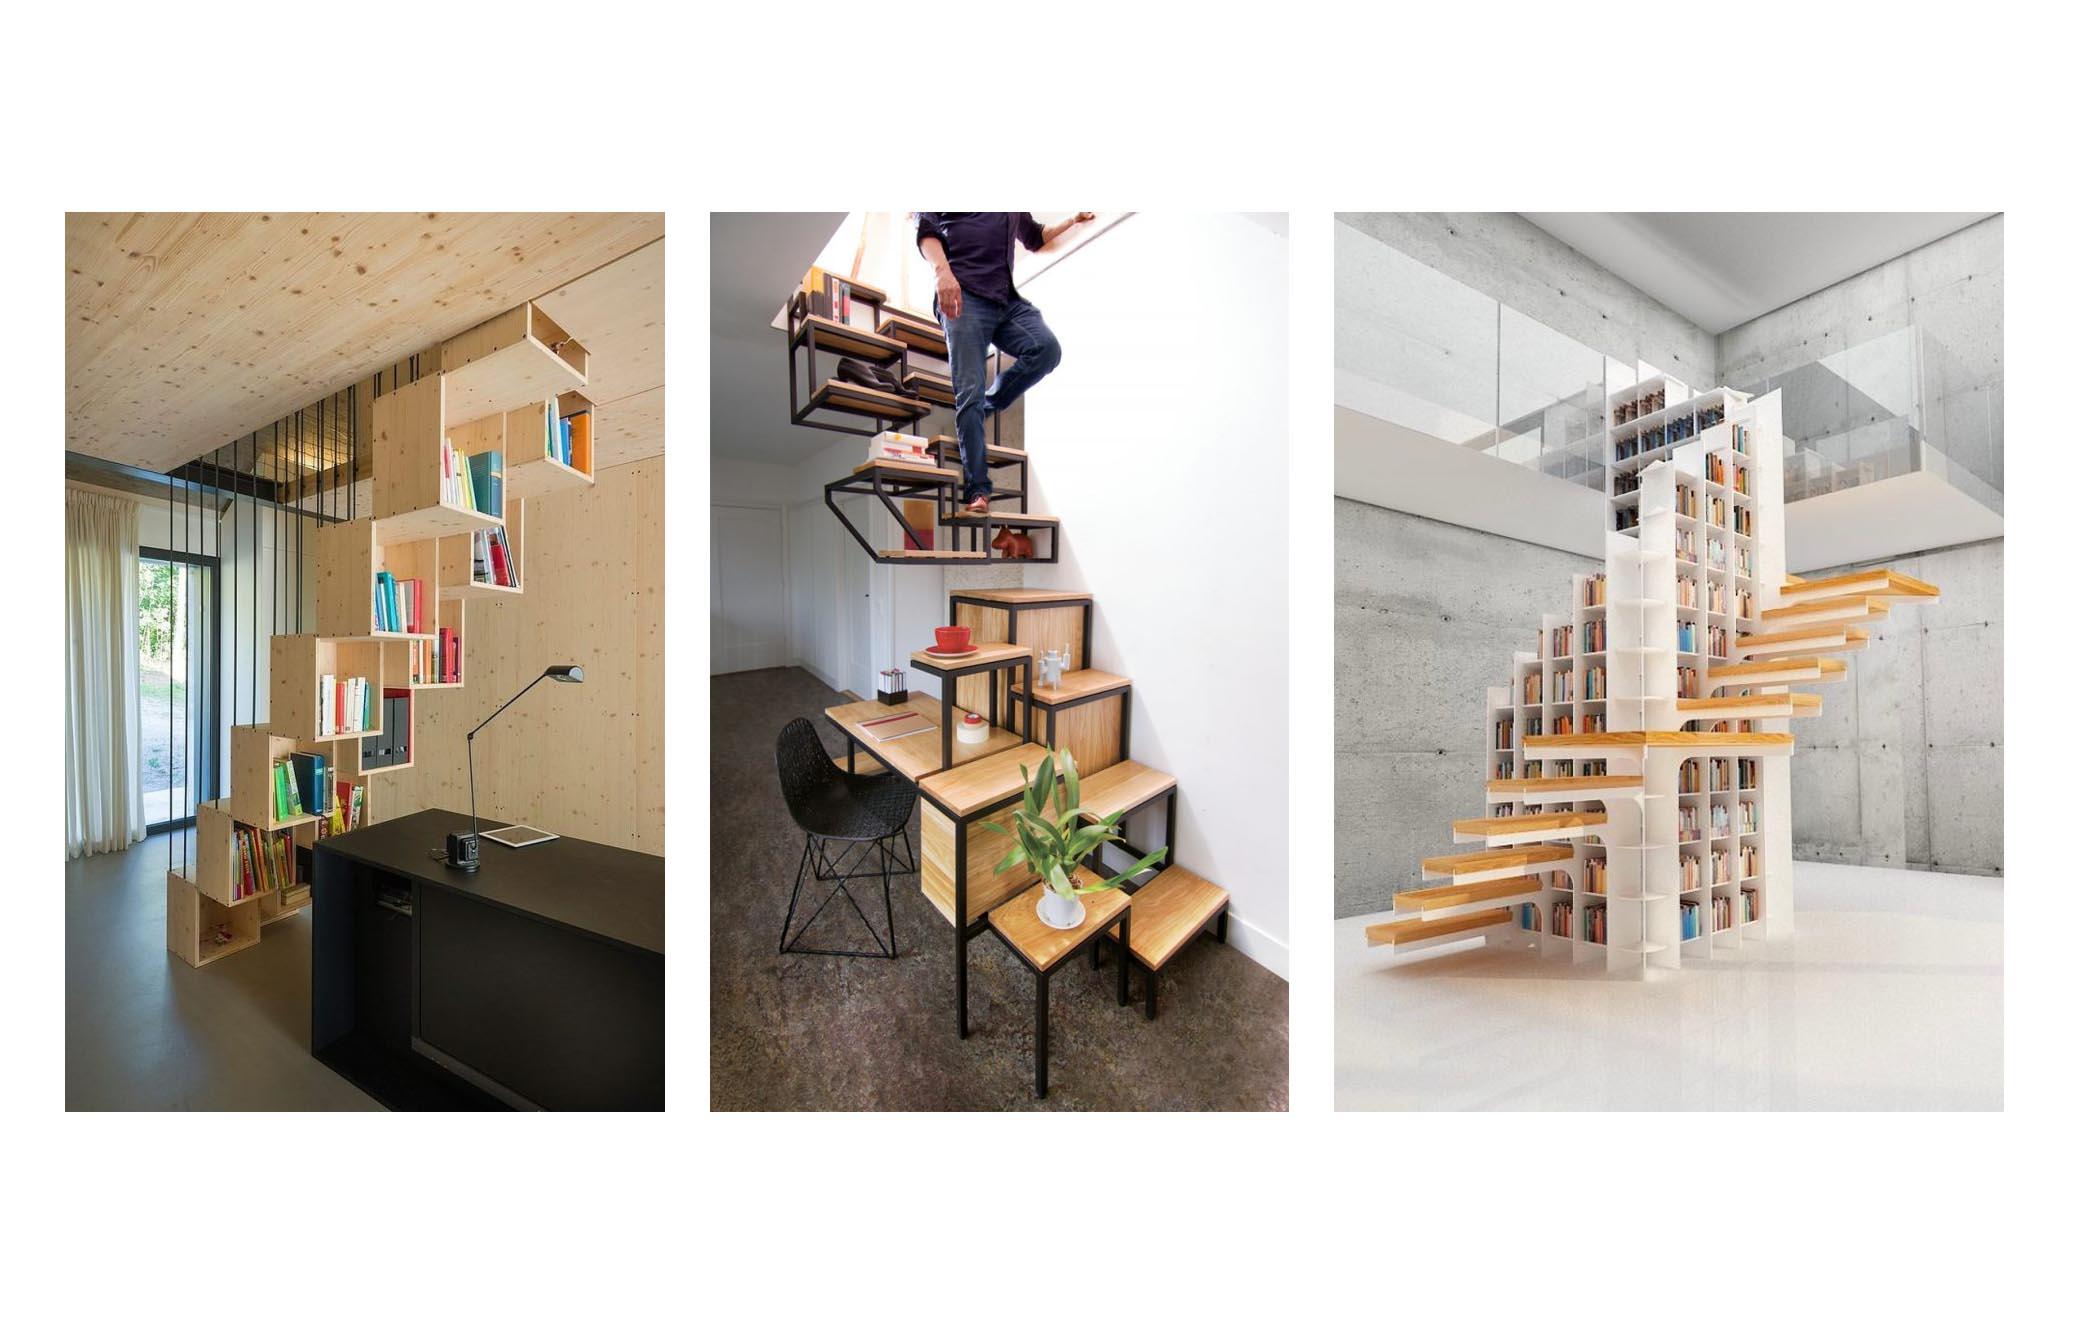 راه هایی خلاقانه برای چیدمان کتاب در داخل و اطراف پله (بخش اول)